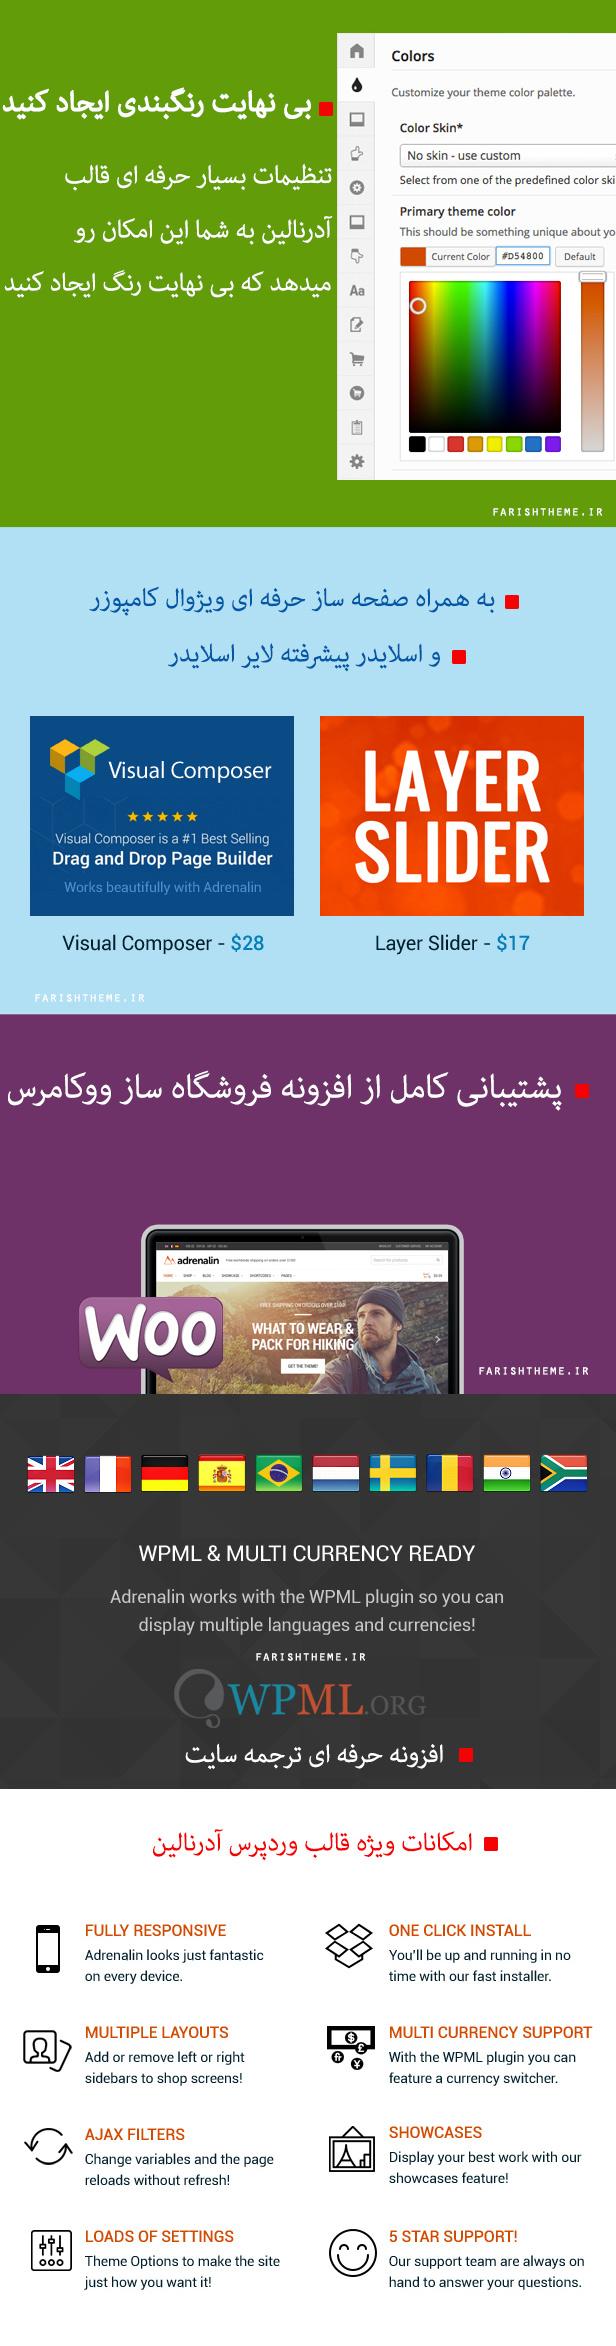 دانلود قالب فروشگاهی آدرنالین Adrenalin فارسی شده